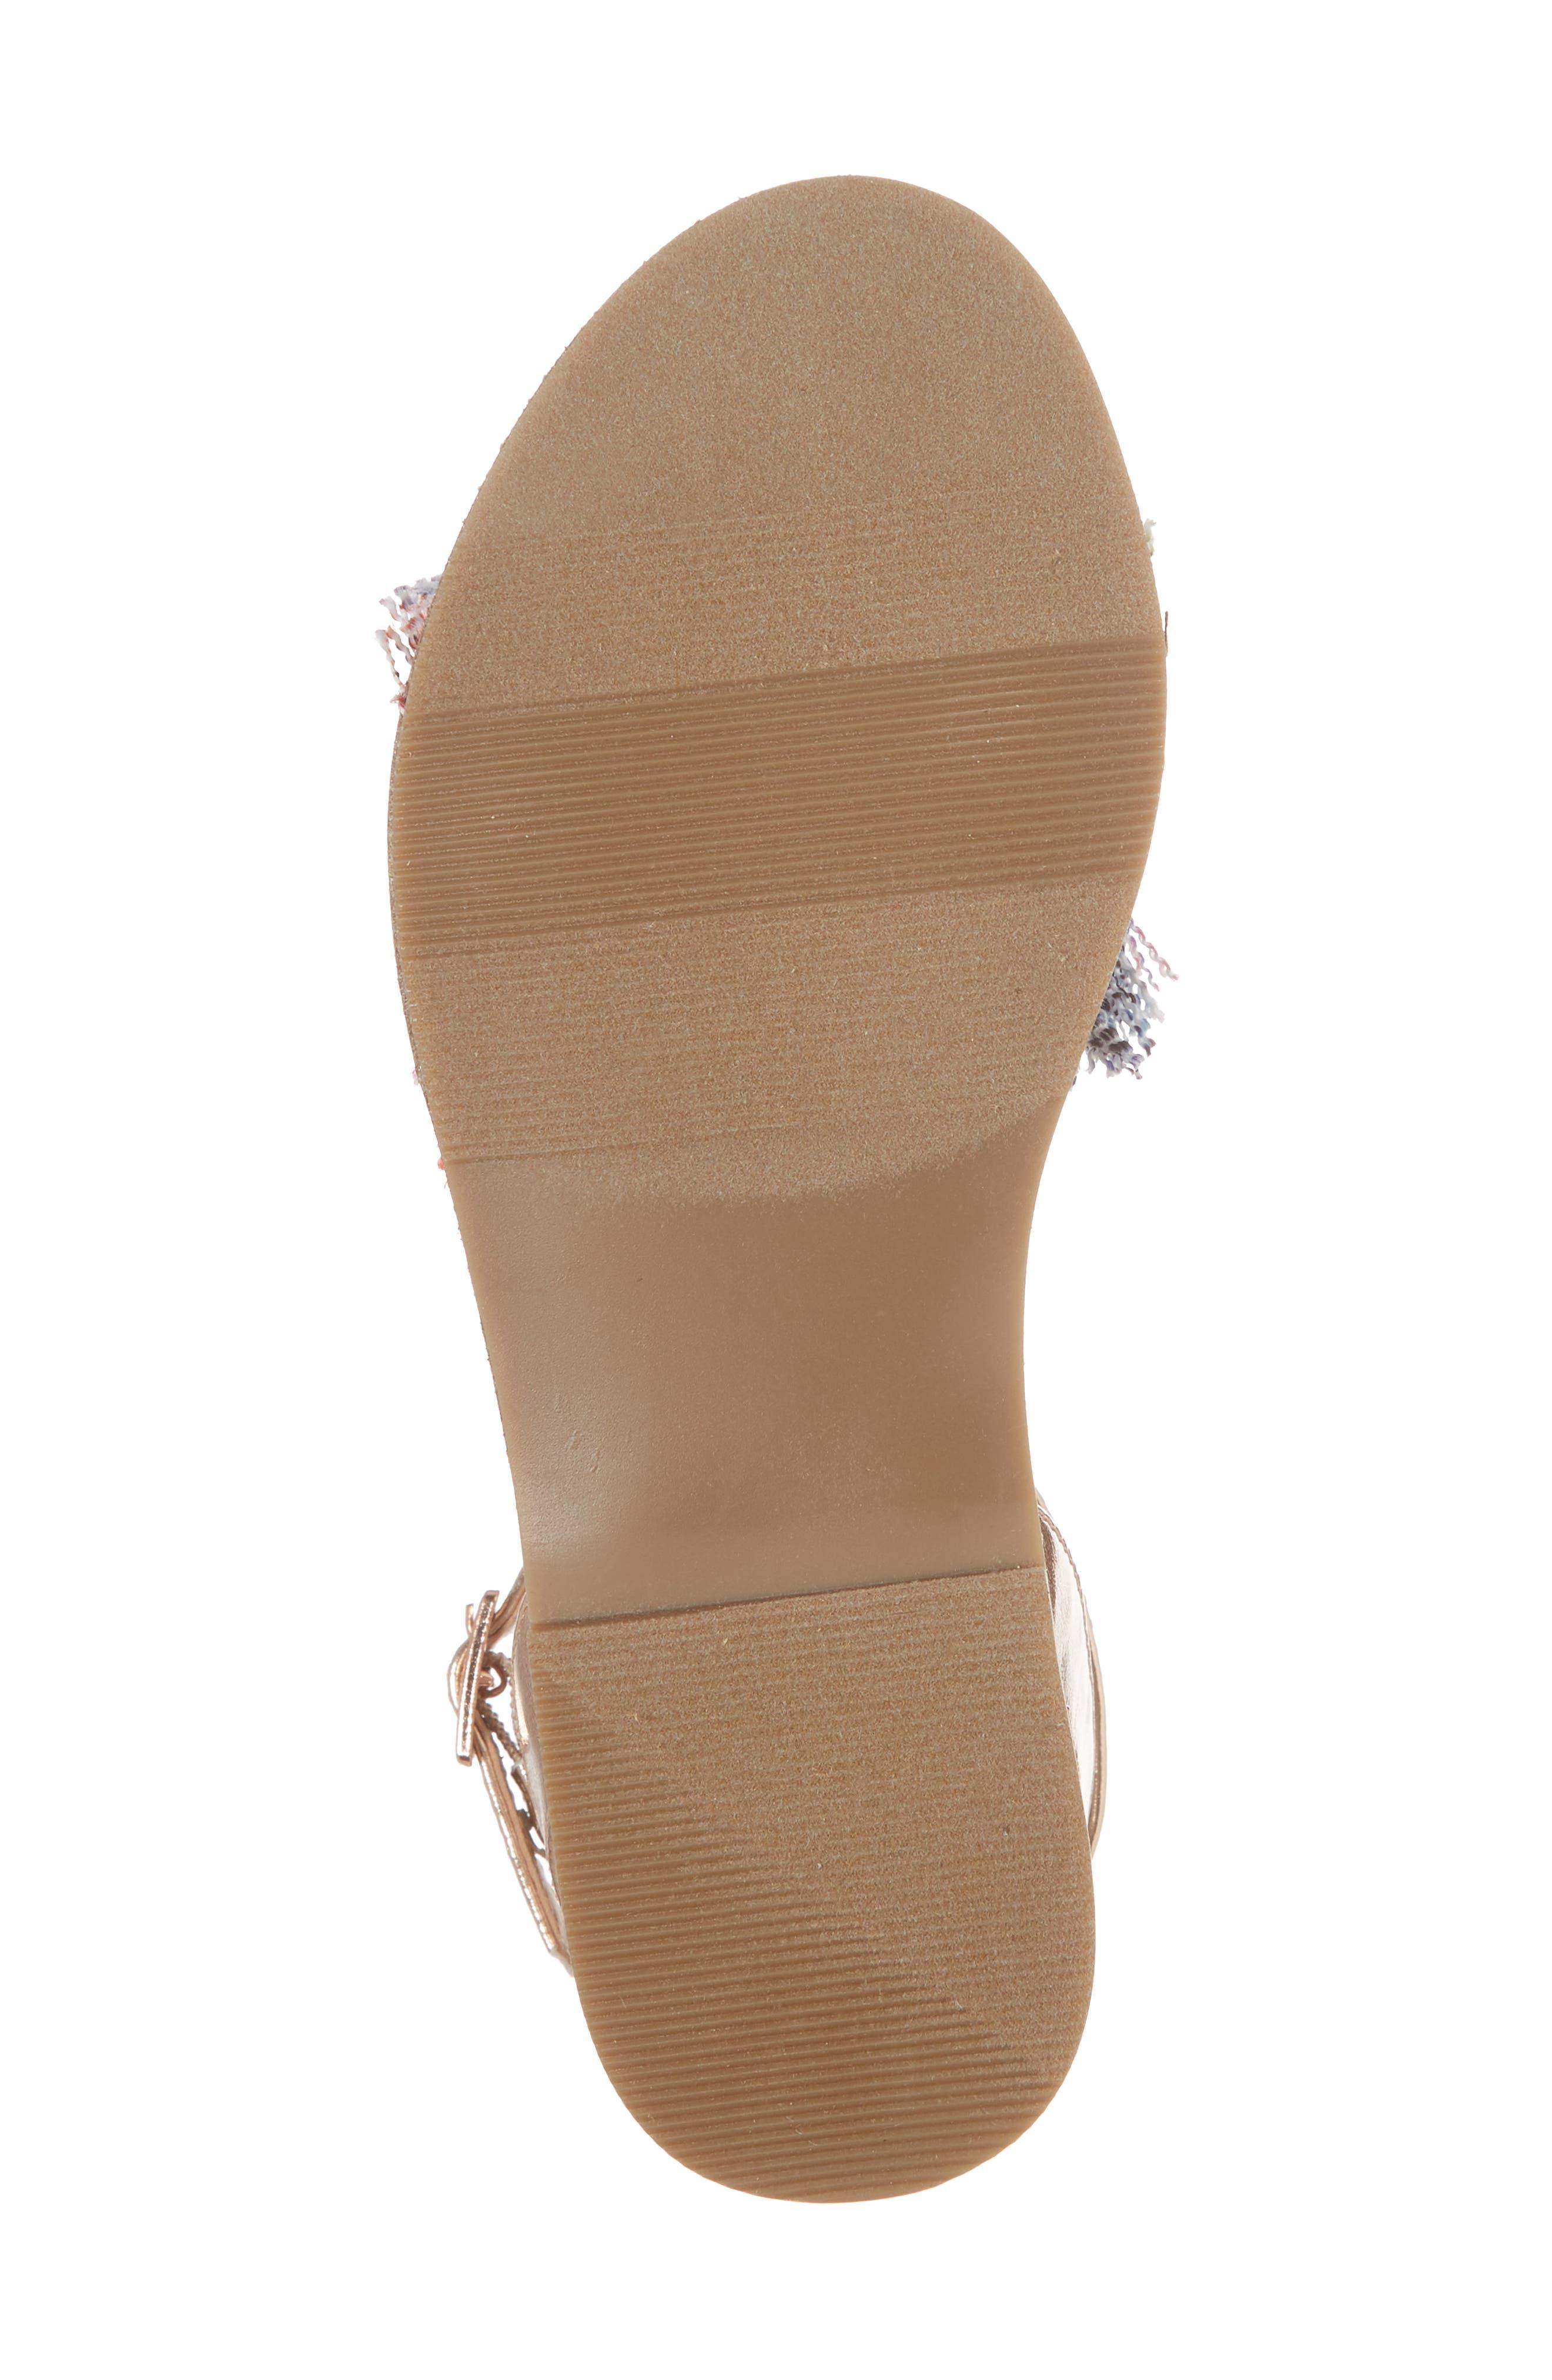 JVILLA Ankle Strap Sandal,                             Alternate thumbnail 6, color,                             Tie Dye